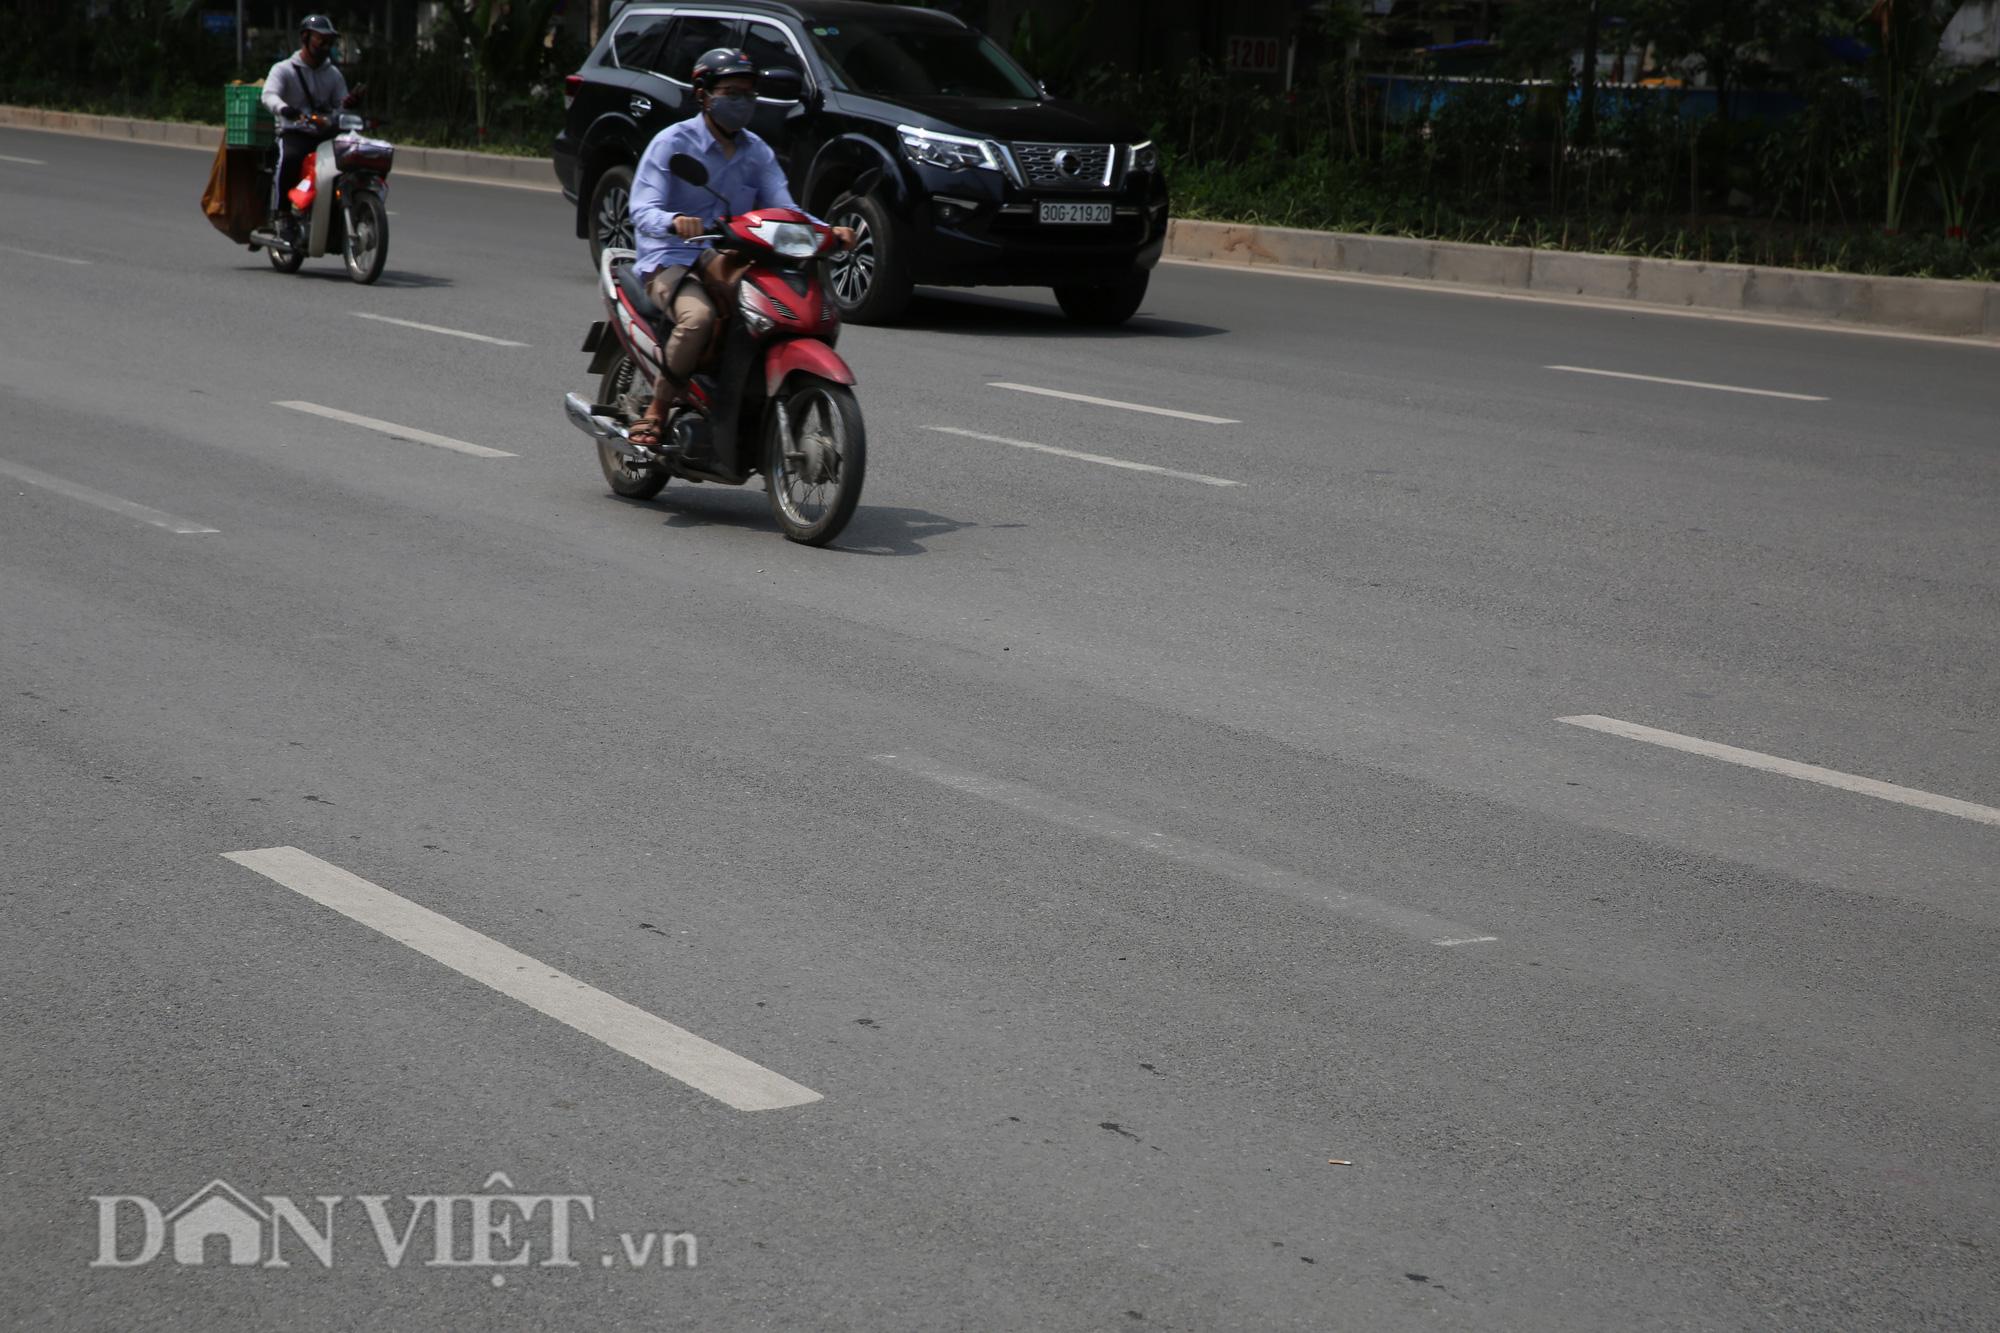 """Người dân lúng túng trước """"ma trận"""" vạch kẻ đường tại Hà Nội - Ảnh 3."""